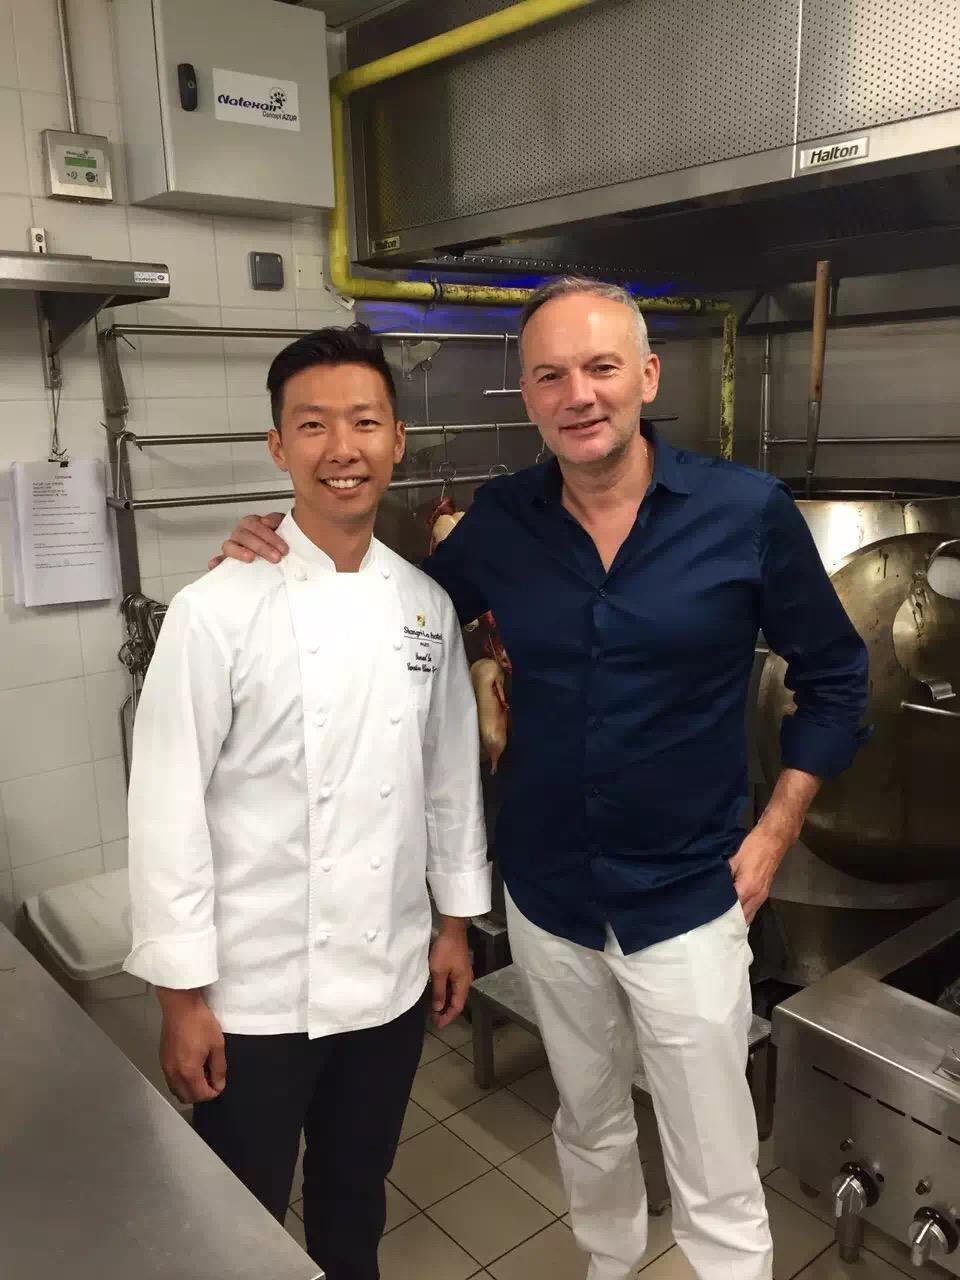 巴黎四季酒店的三星主廚Christian Le Squer還到廚房裡和李森合照。(李森提供)